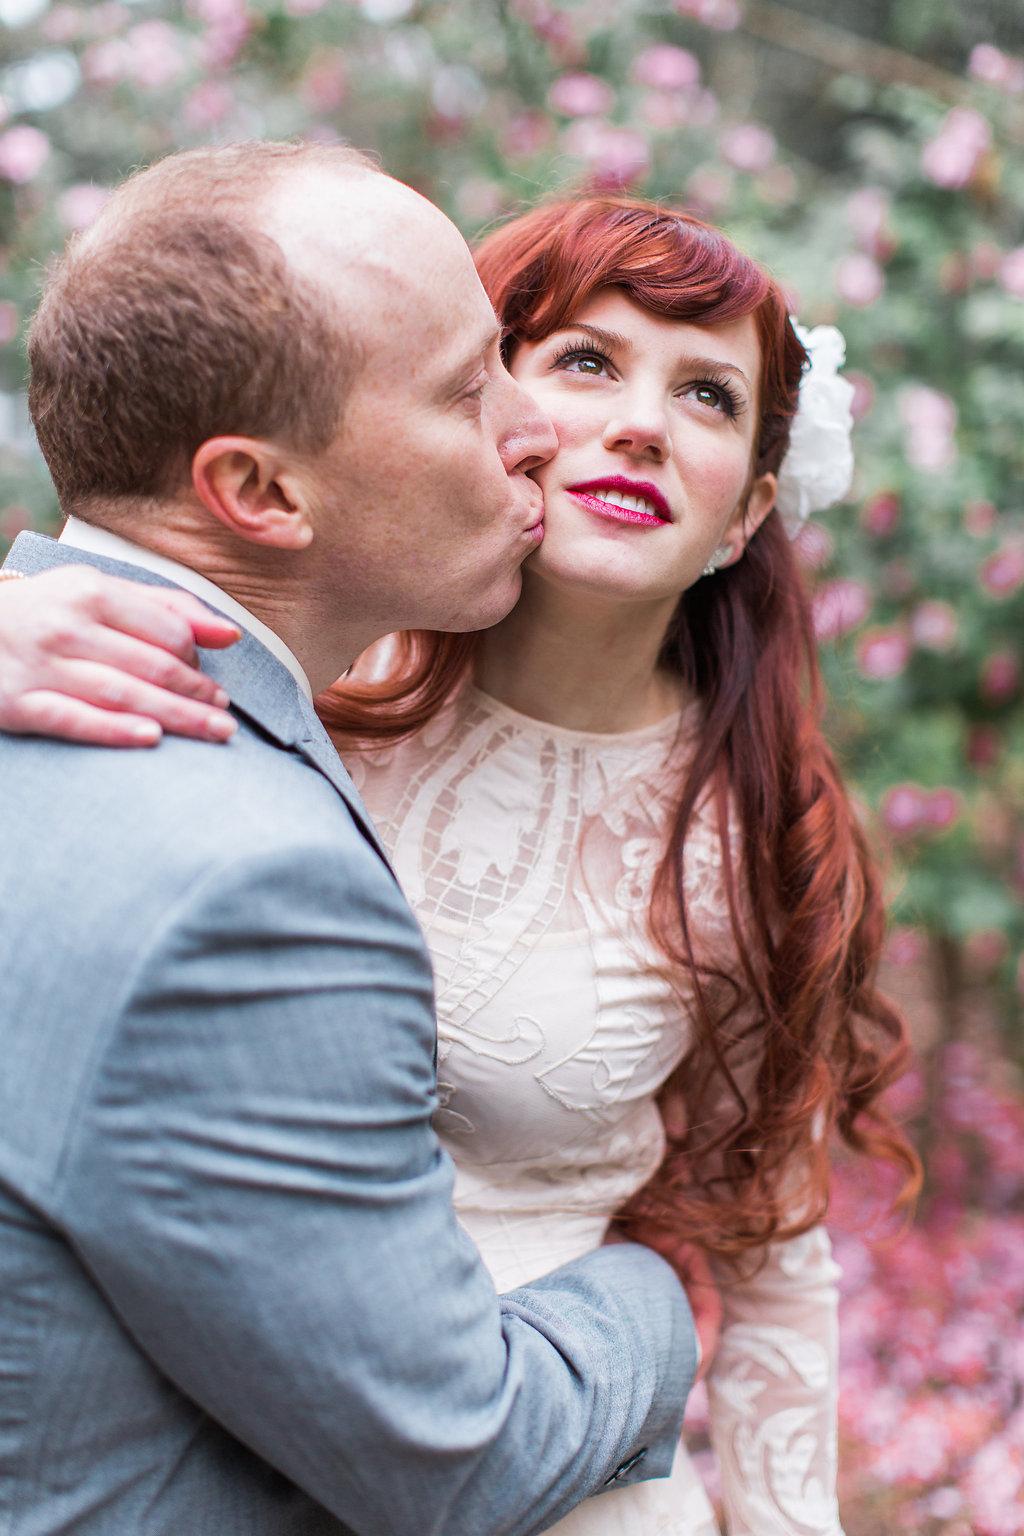 Savannah_Wedding_Photography_AptBPhotography_Elopements441.JPG